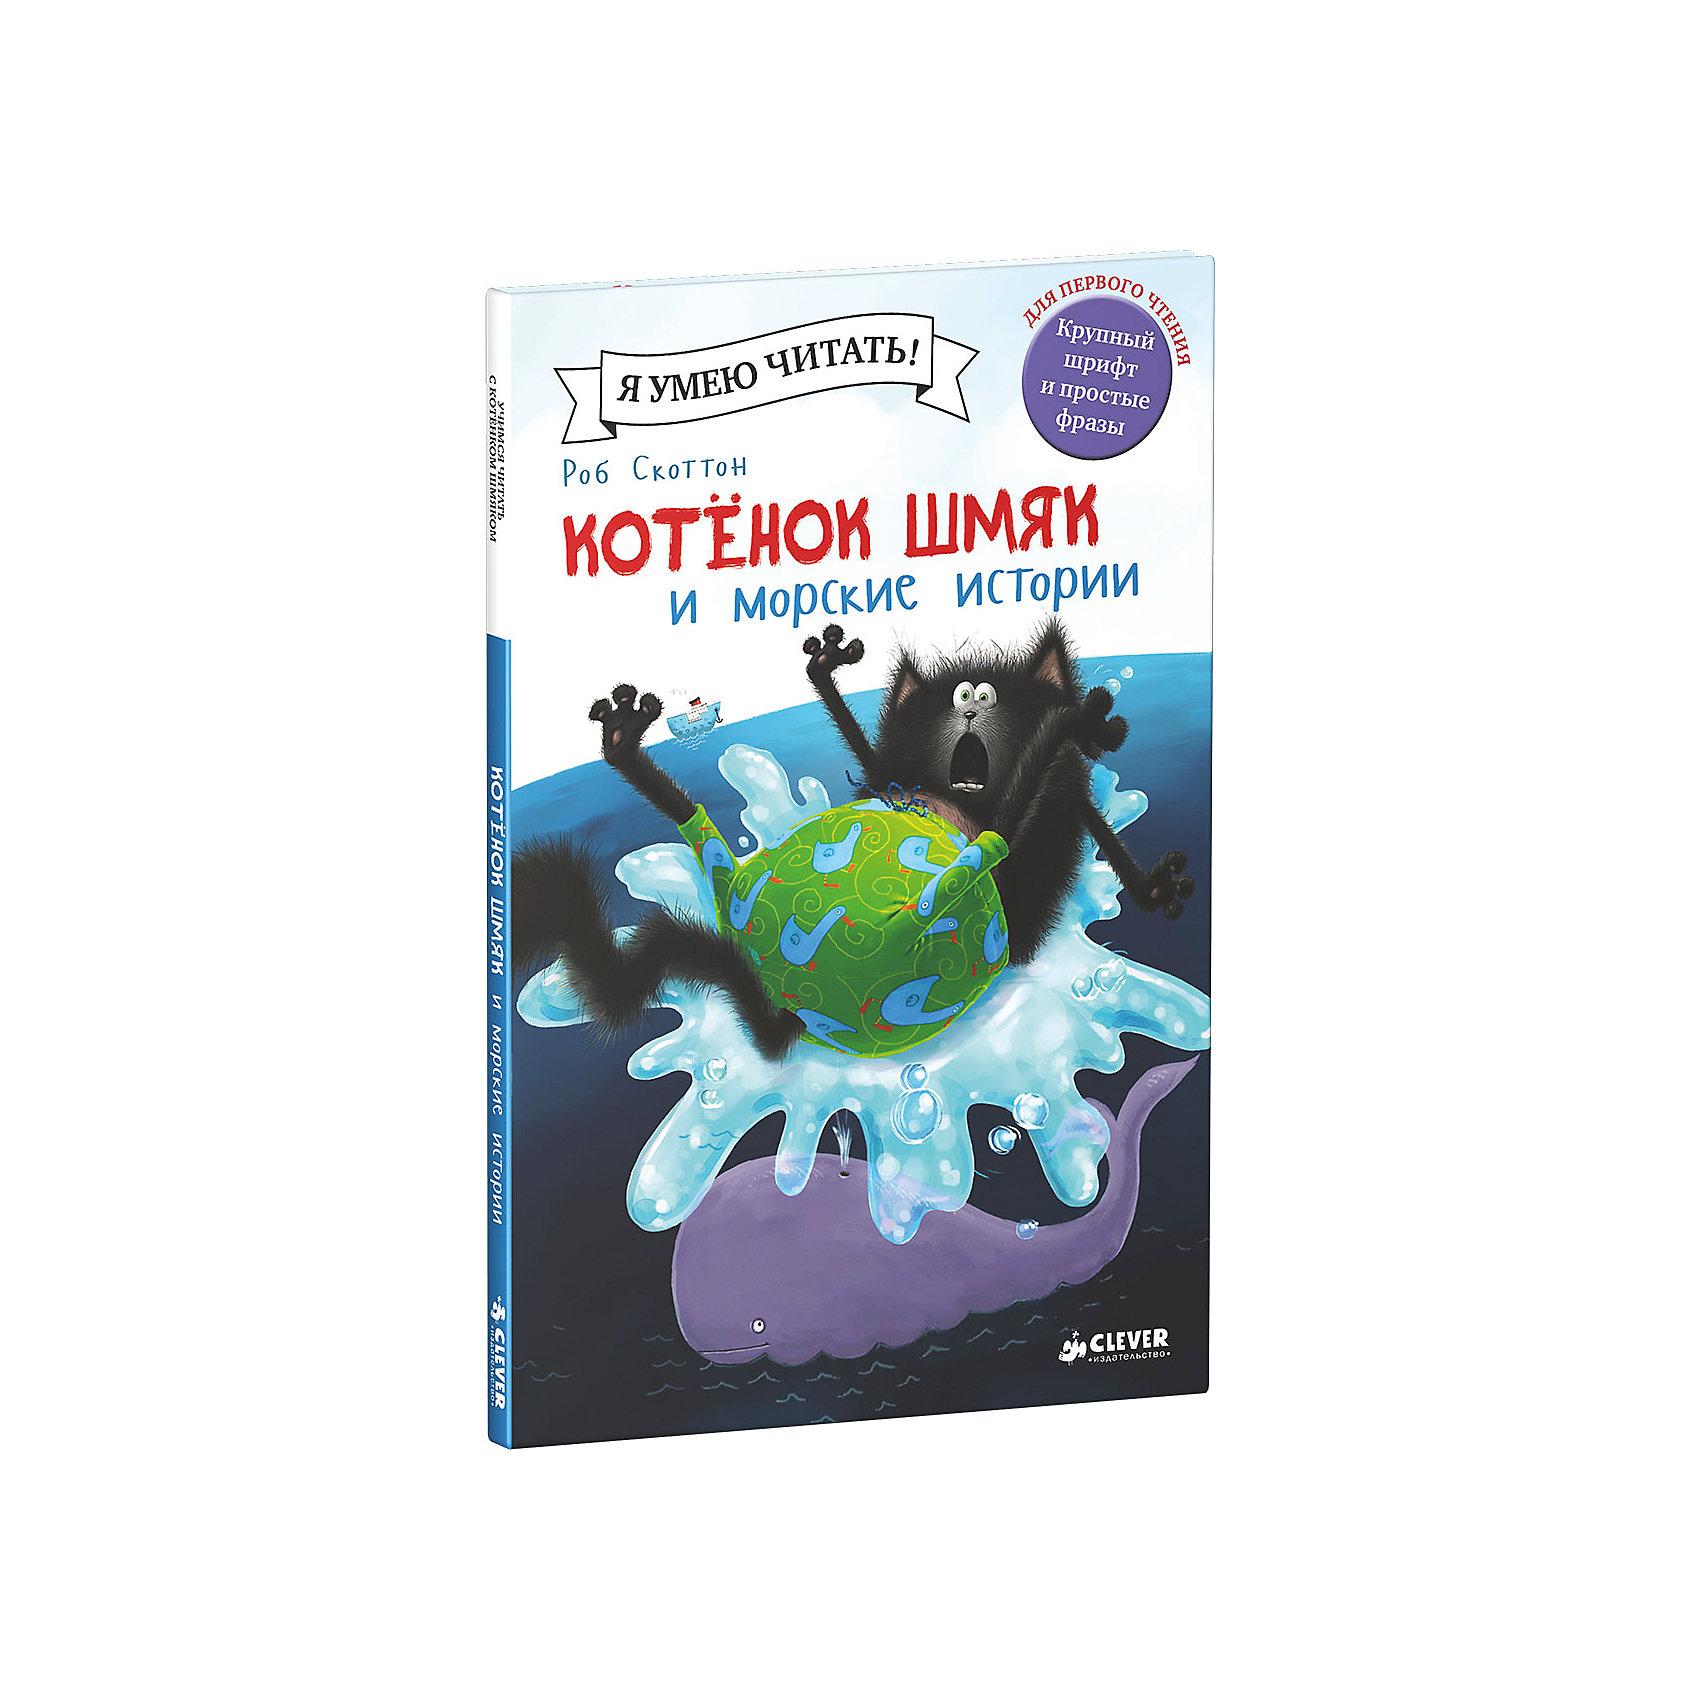 Clever Книга Котенок Шмяк и морские истории, Роб Скоттон